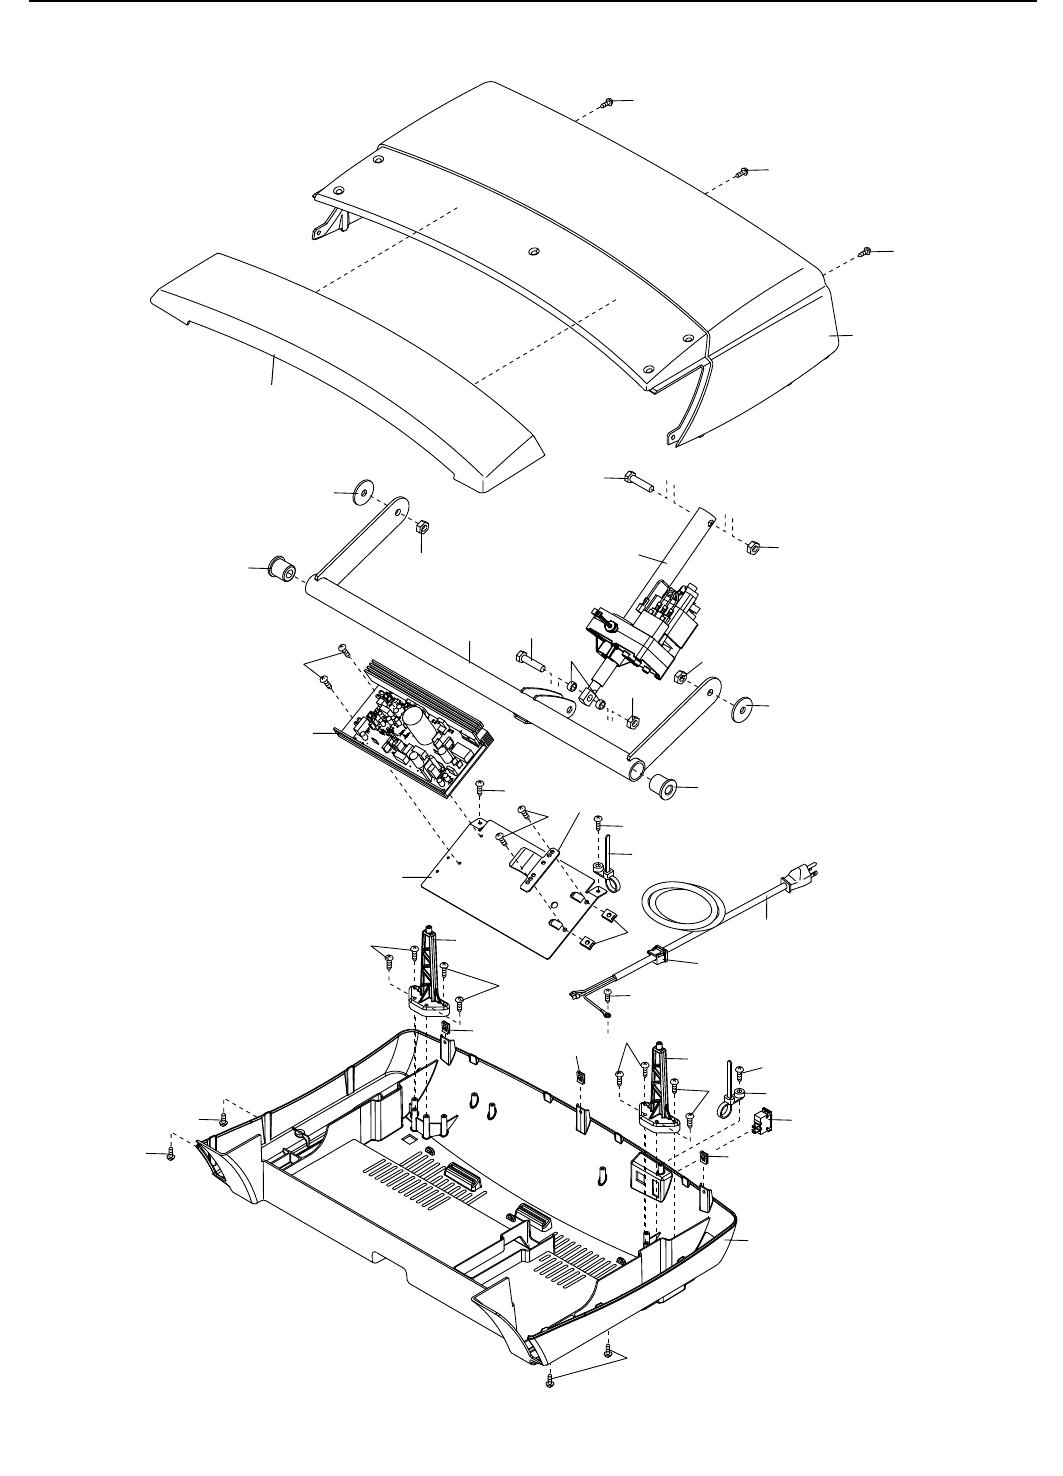 Proform Pftl101132 Zt10 Treadmill Users Manual